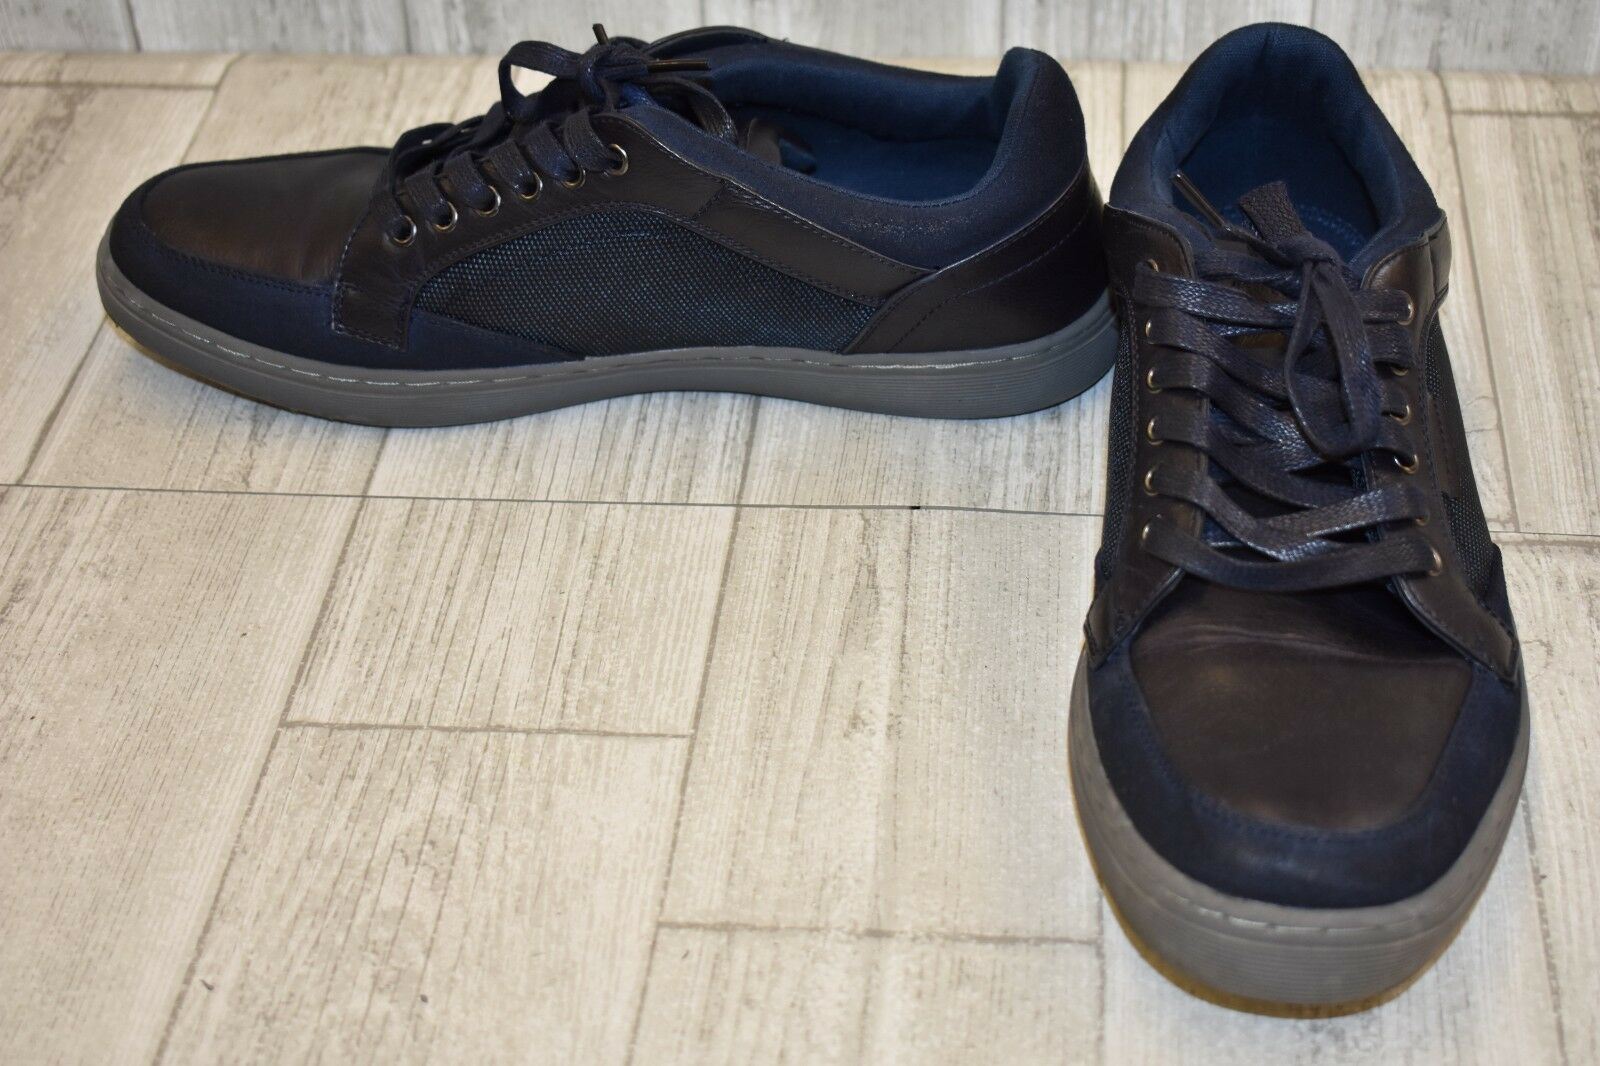 Steve Madden Gasper Sneaker - Men's Size 9.5 Dark bluee